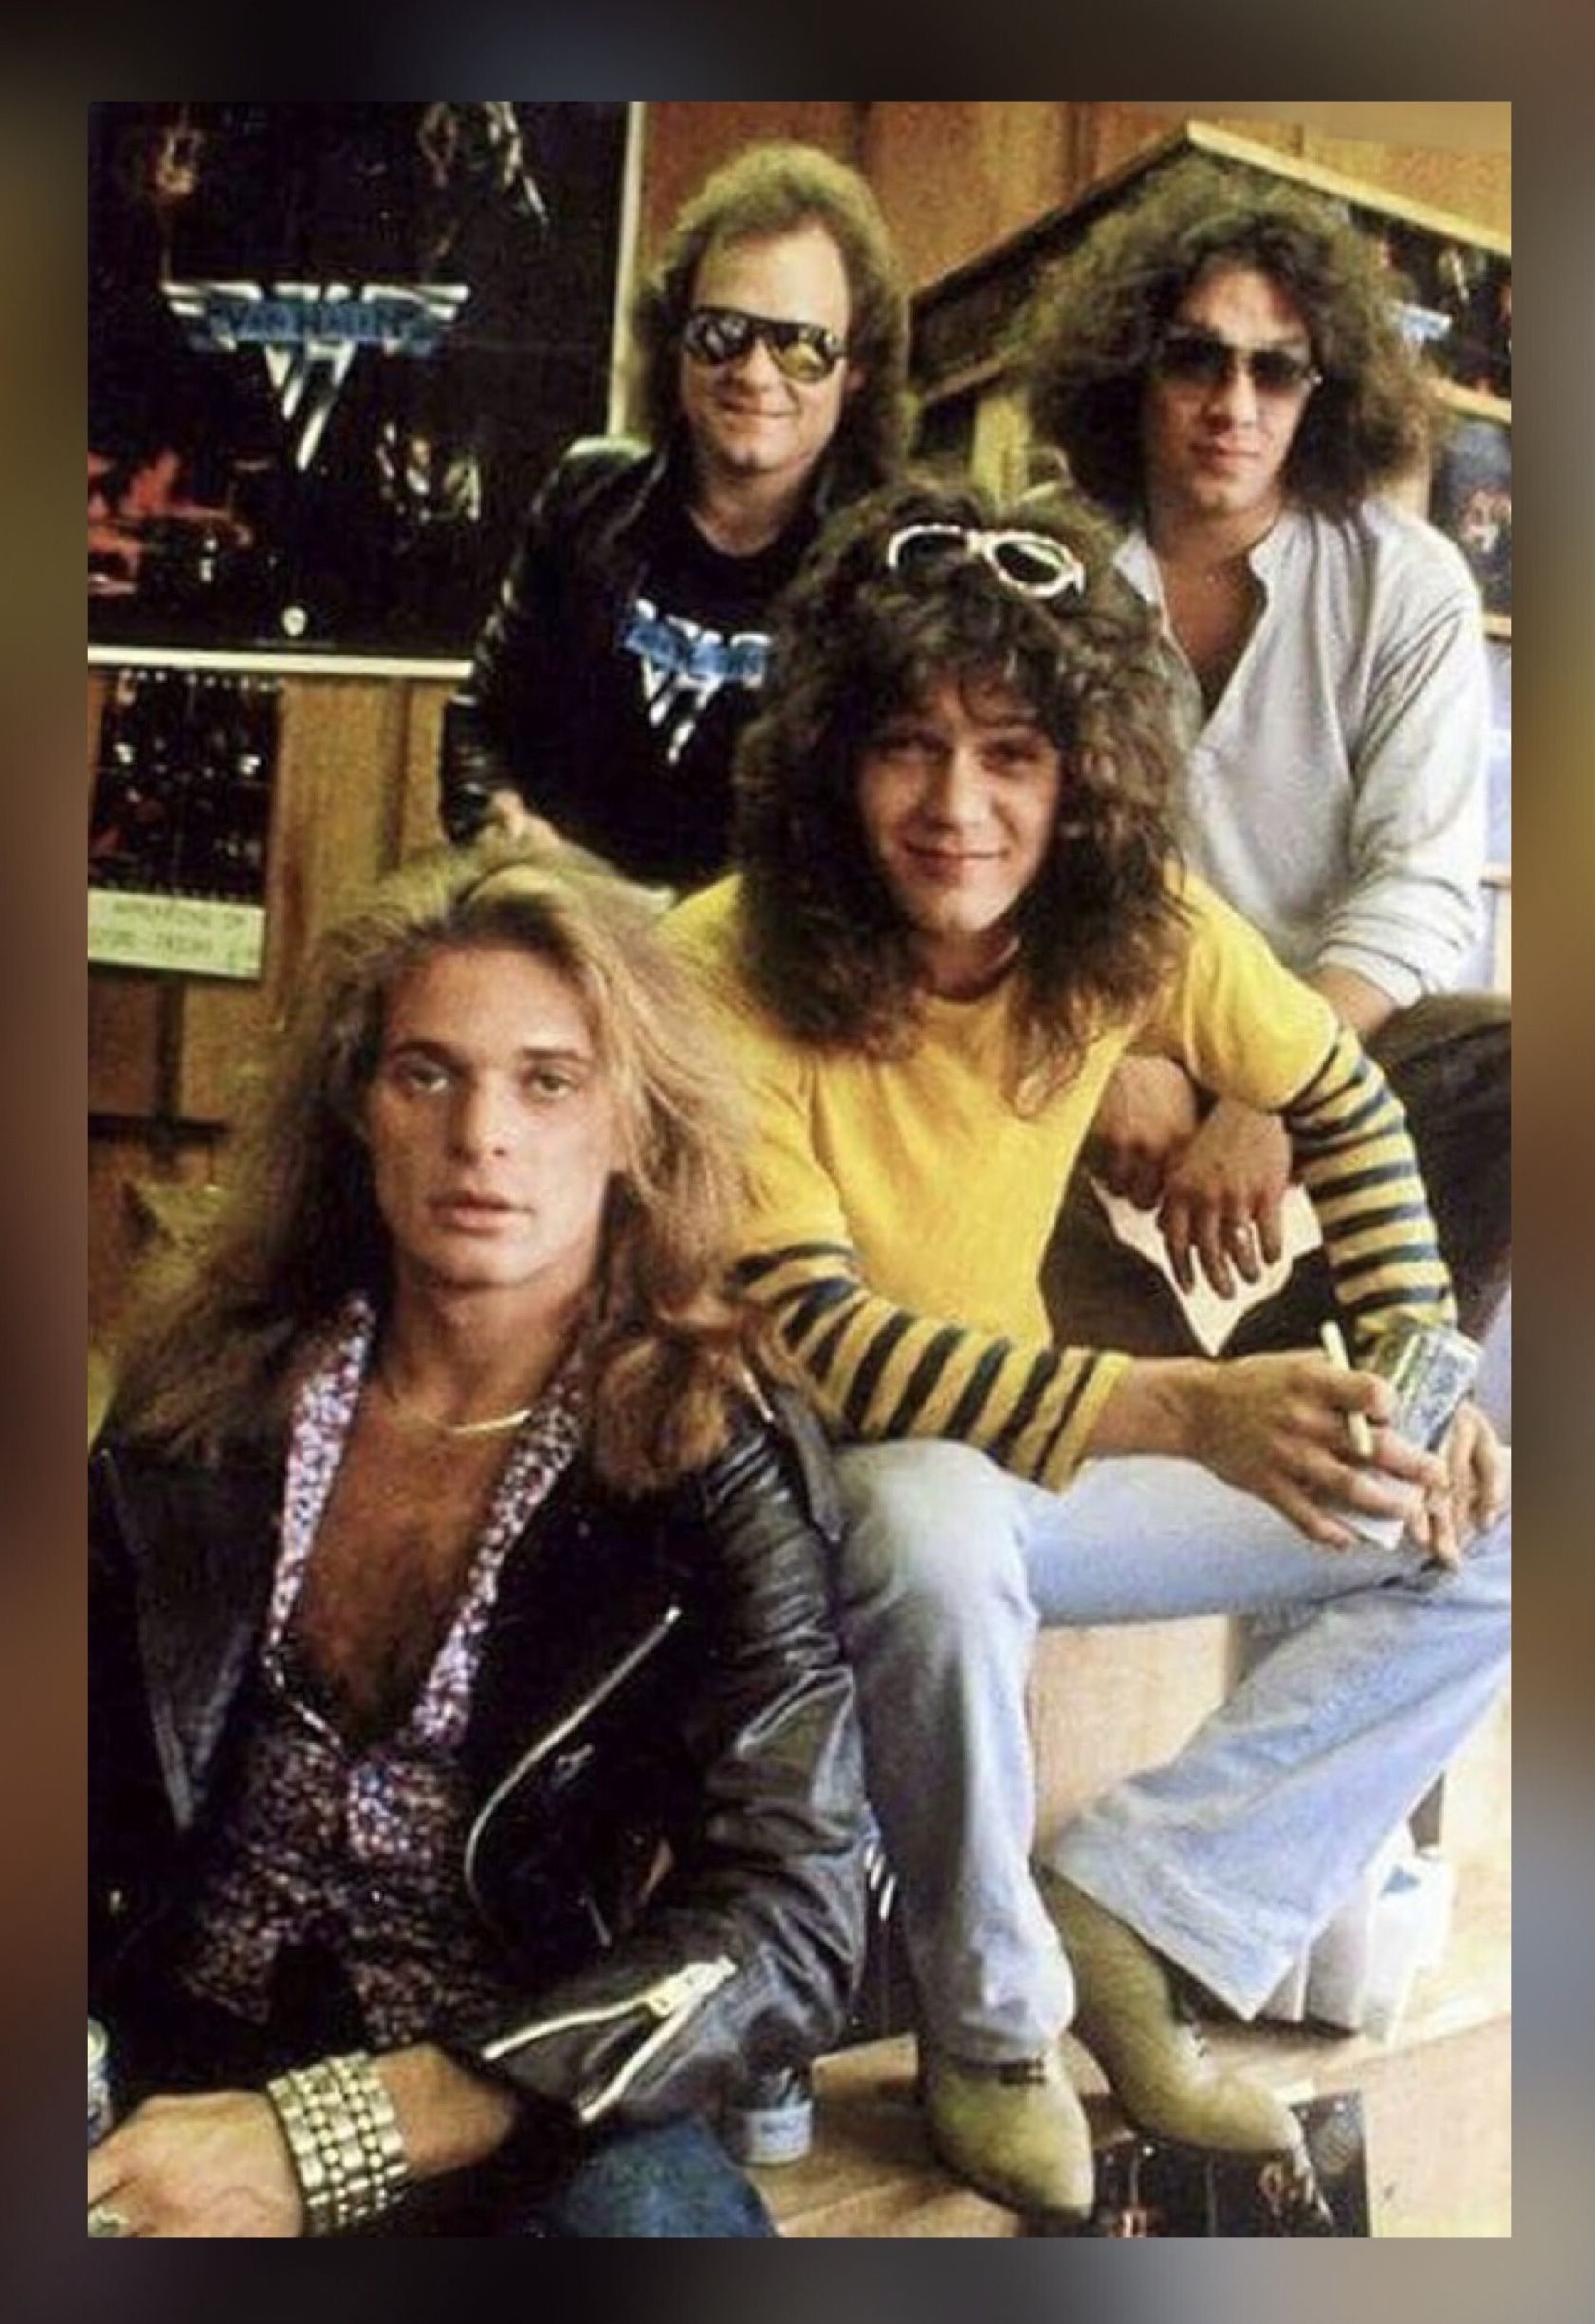 Pin By Renee Cort On Memories Van Halen Rock Music Halen